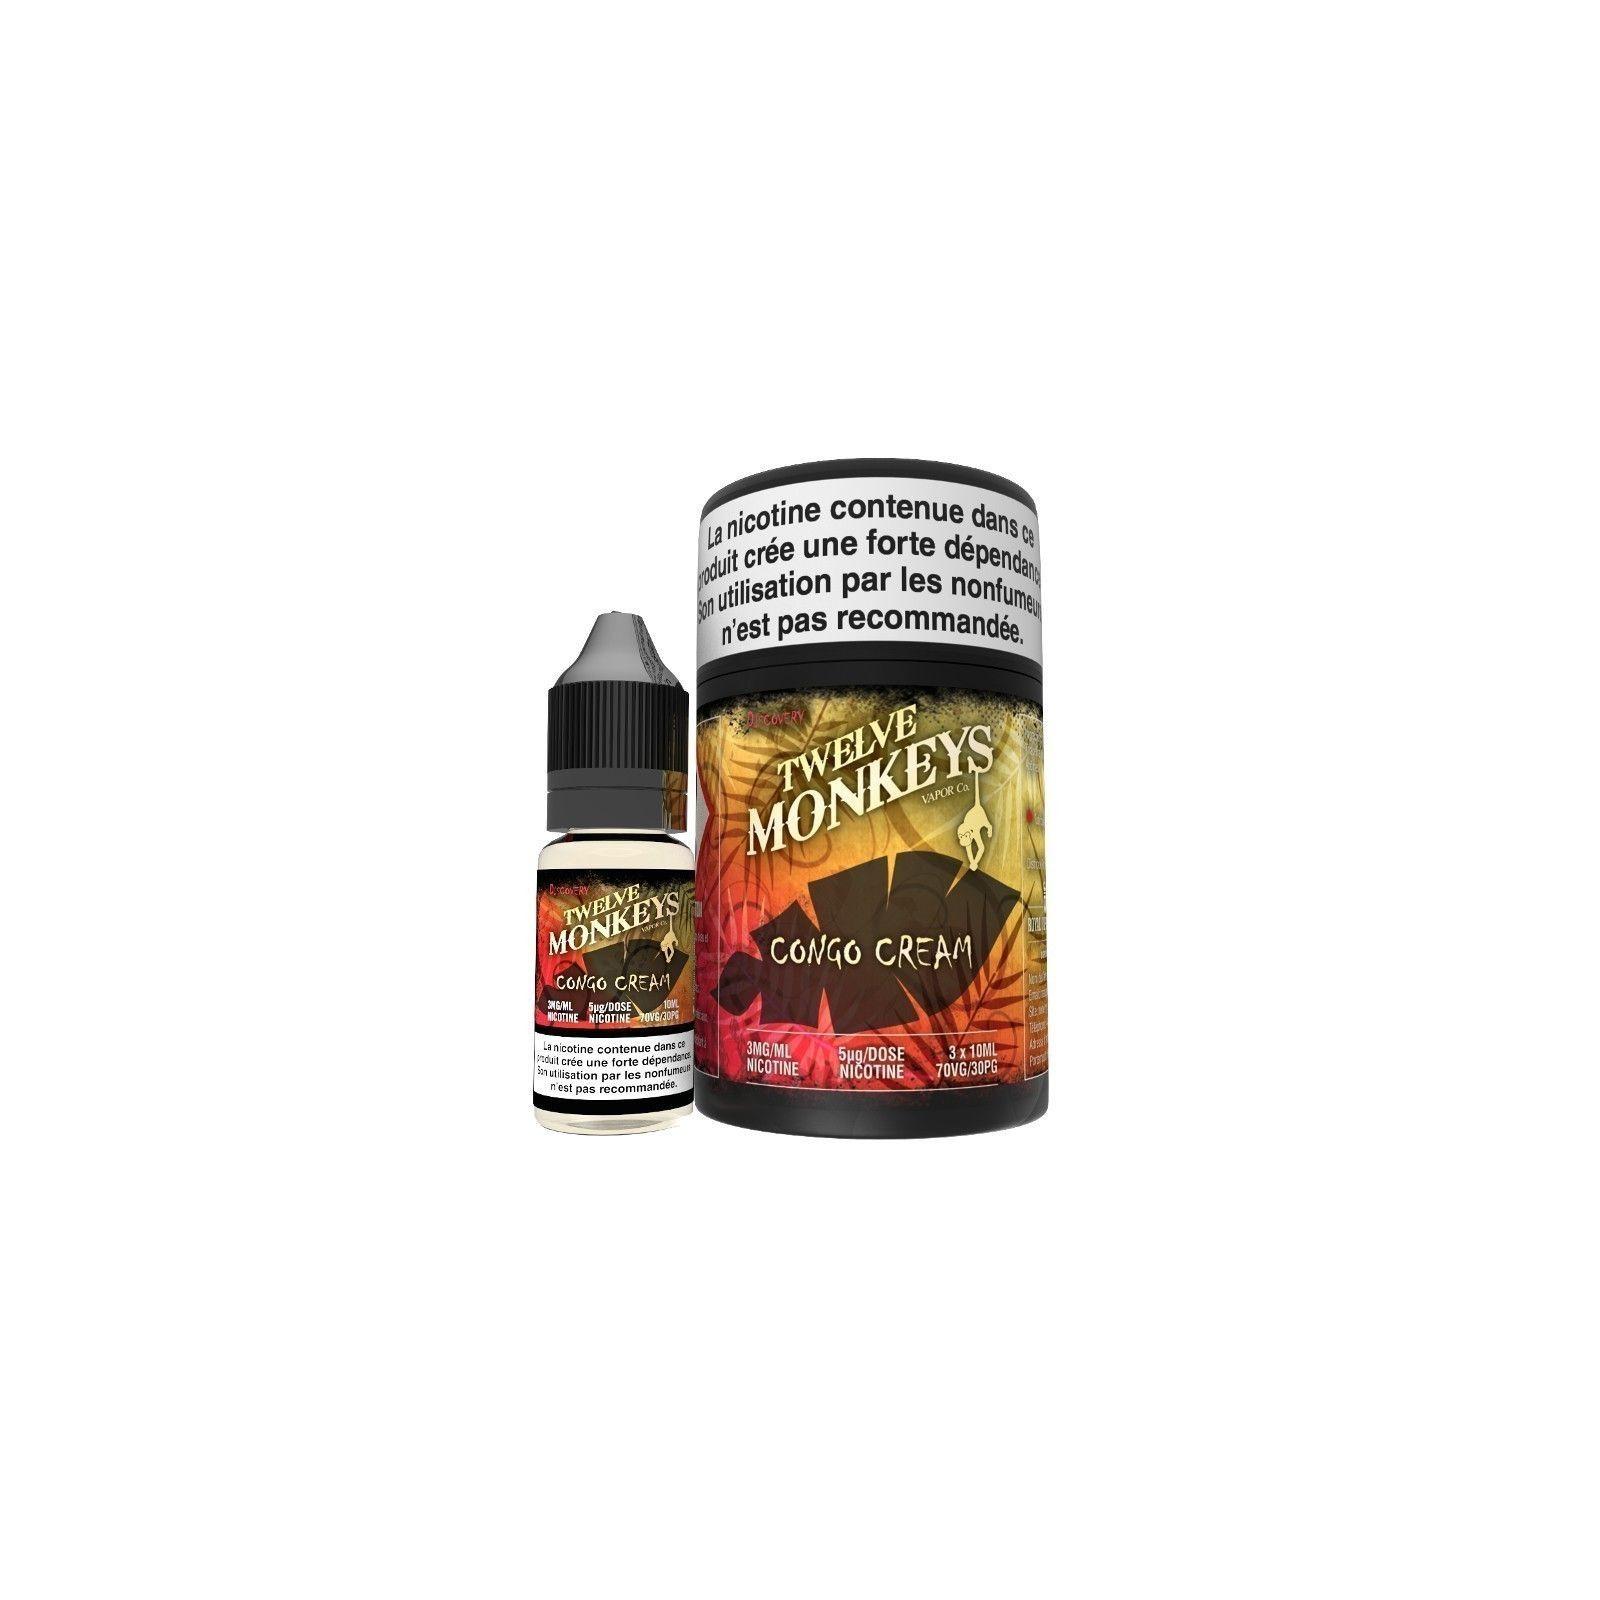 Congo Cream